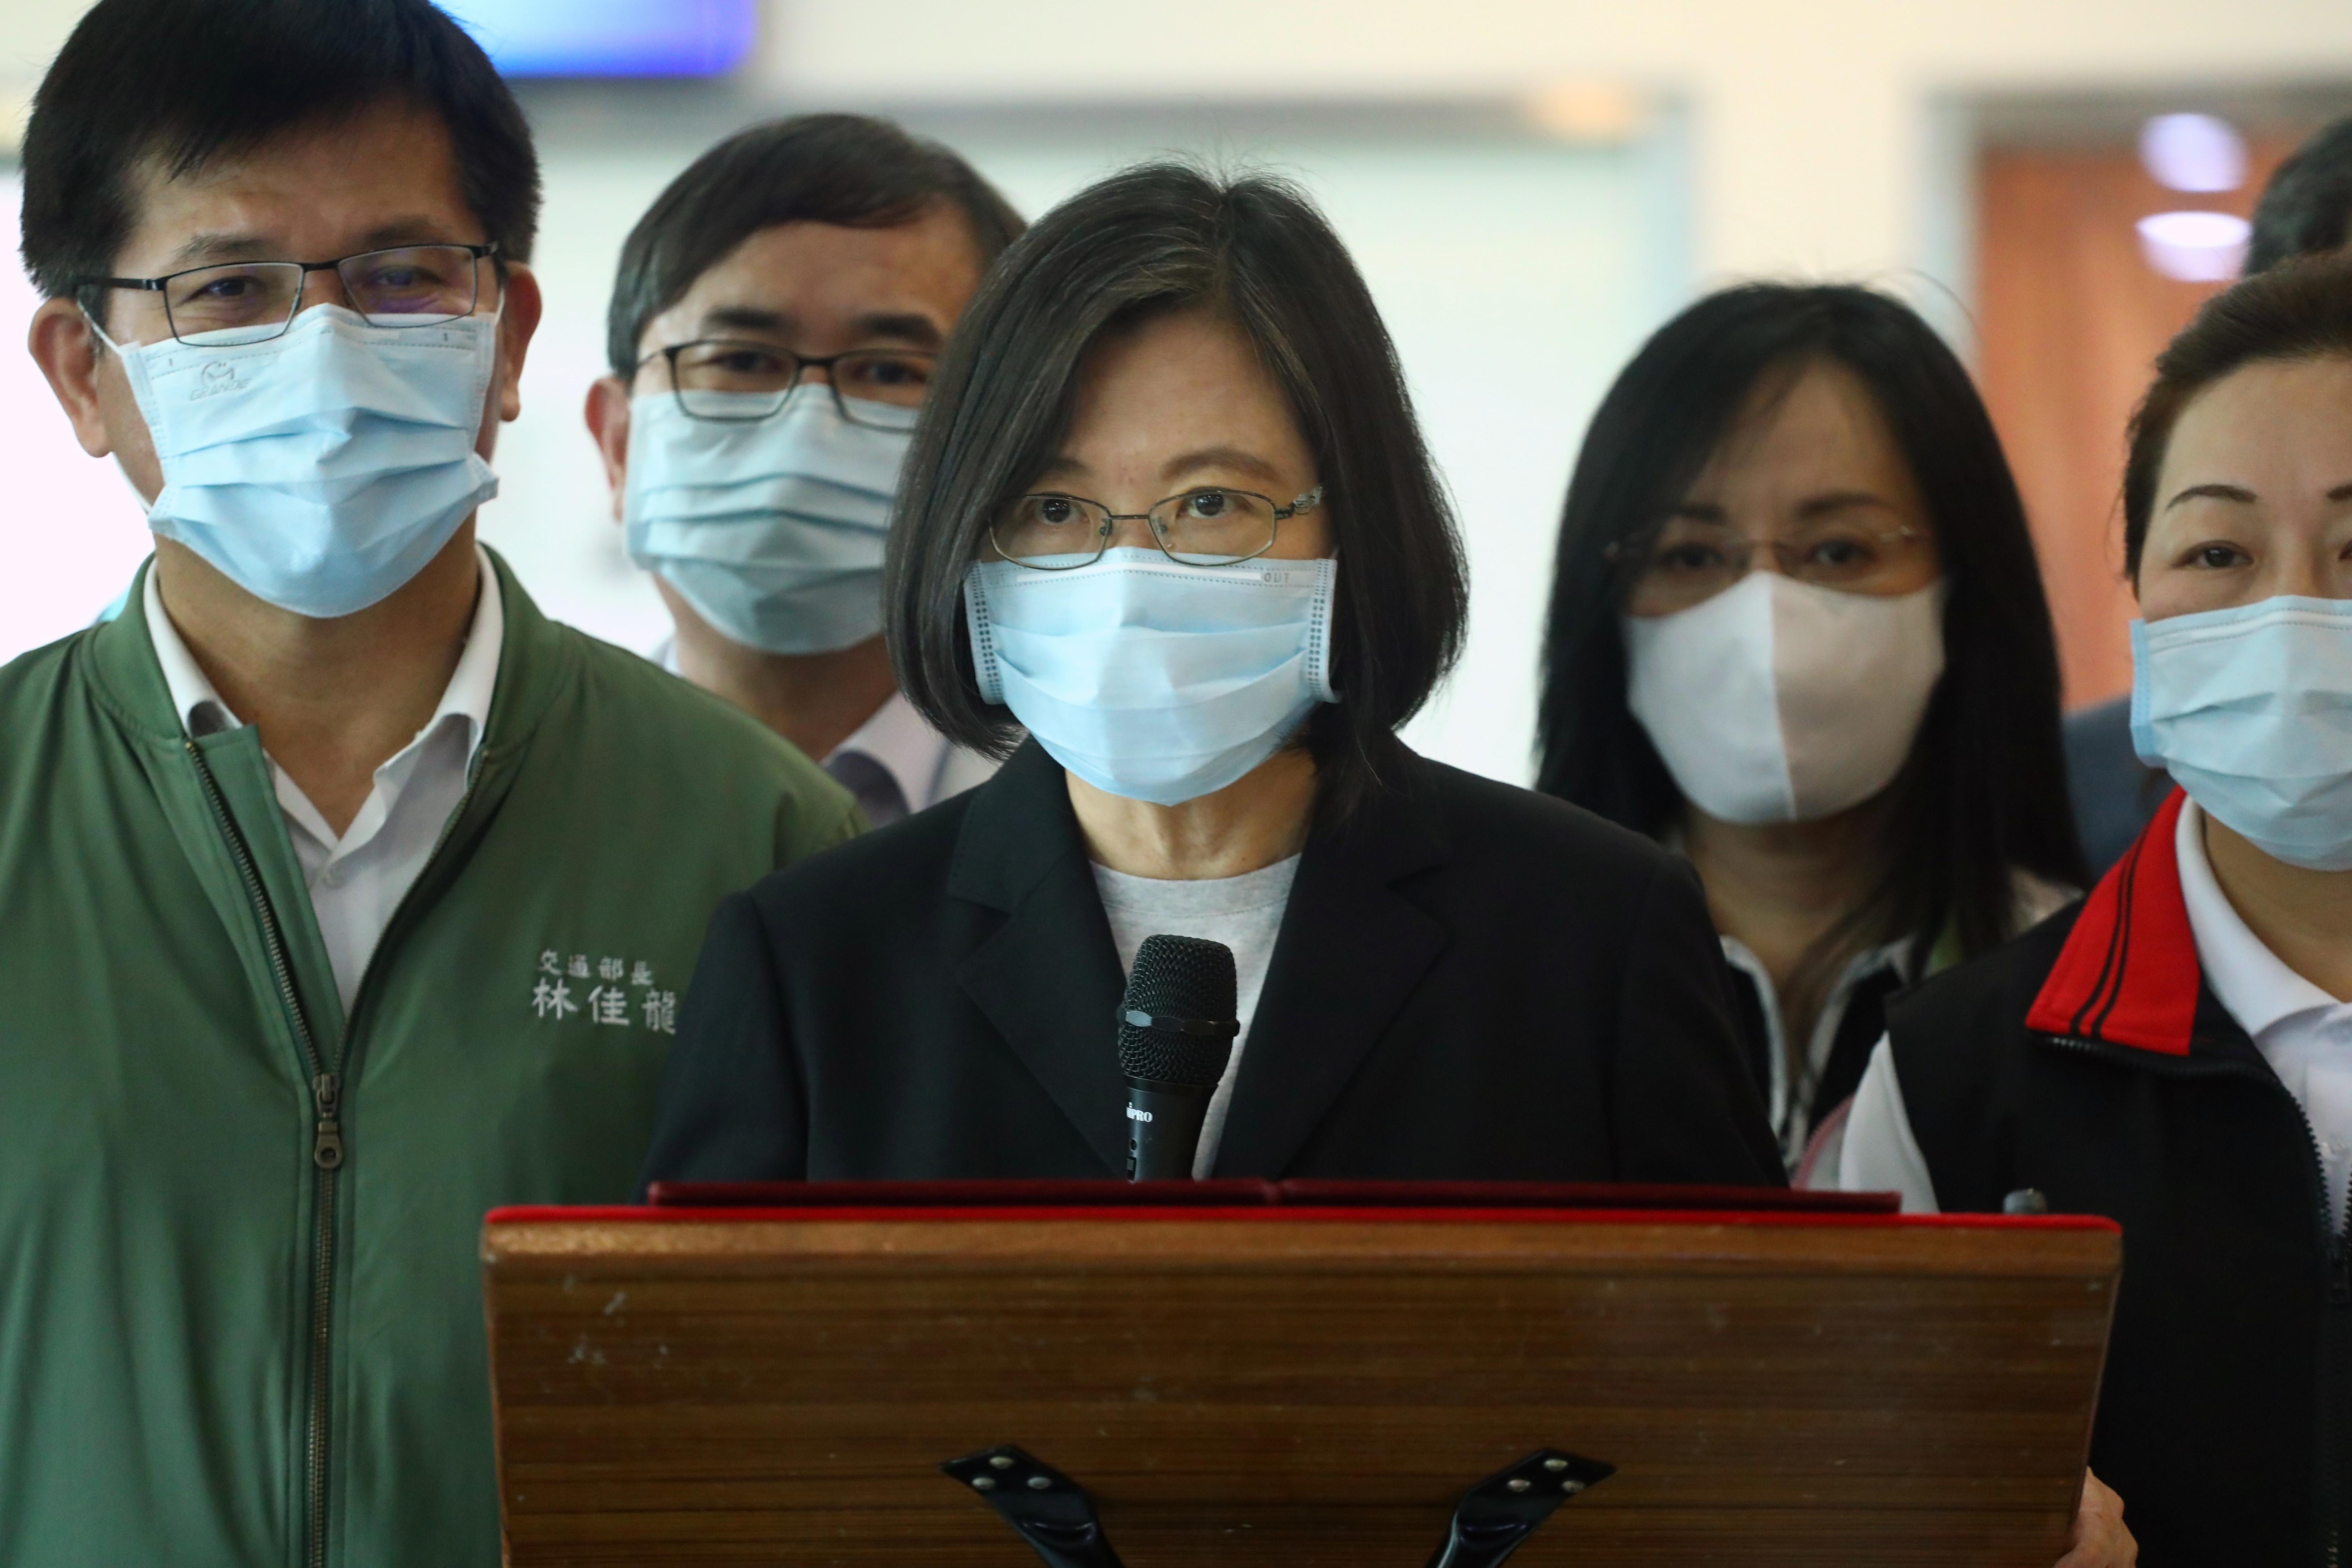 ▲▼資深駐台記者表示,台灣雖在新冠抗疫取得成功,但卻面臨各種內憂外患。(圖/路透社)